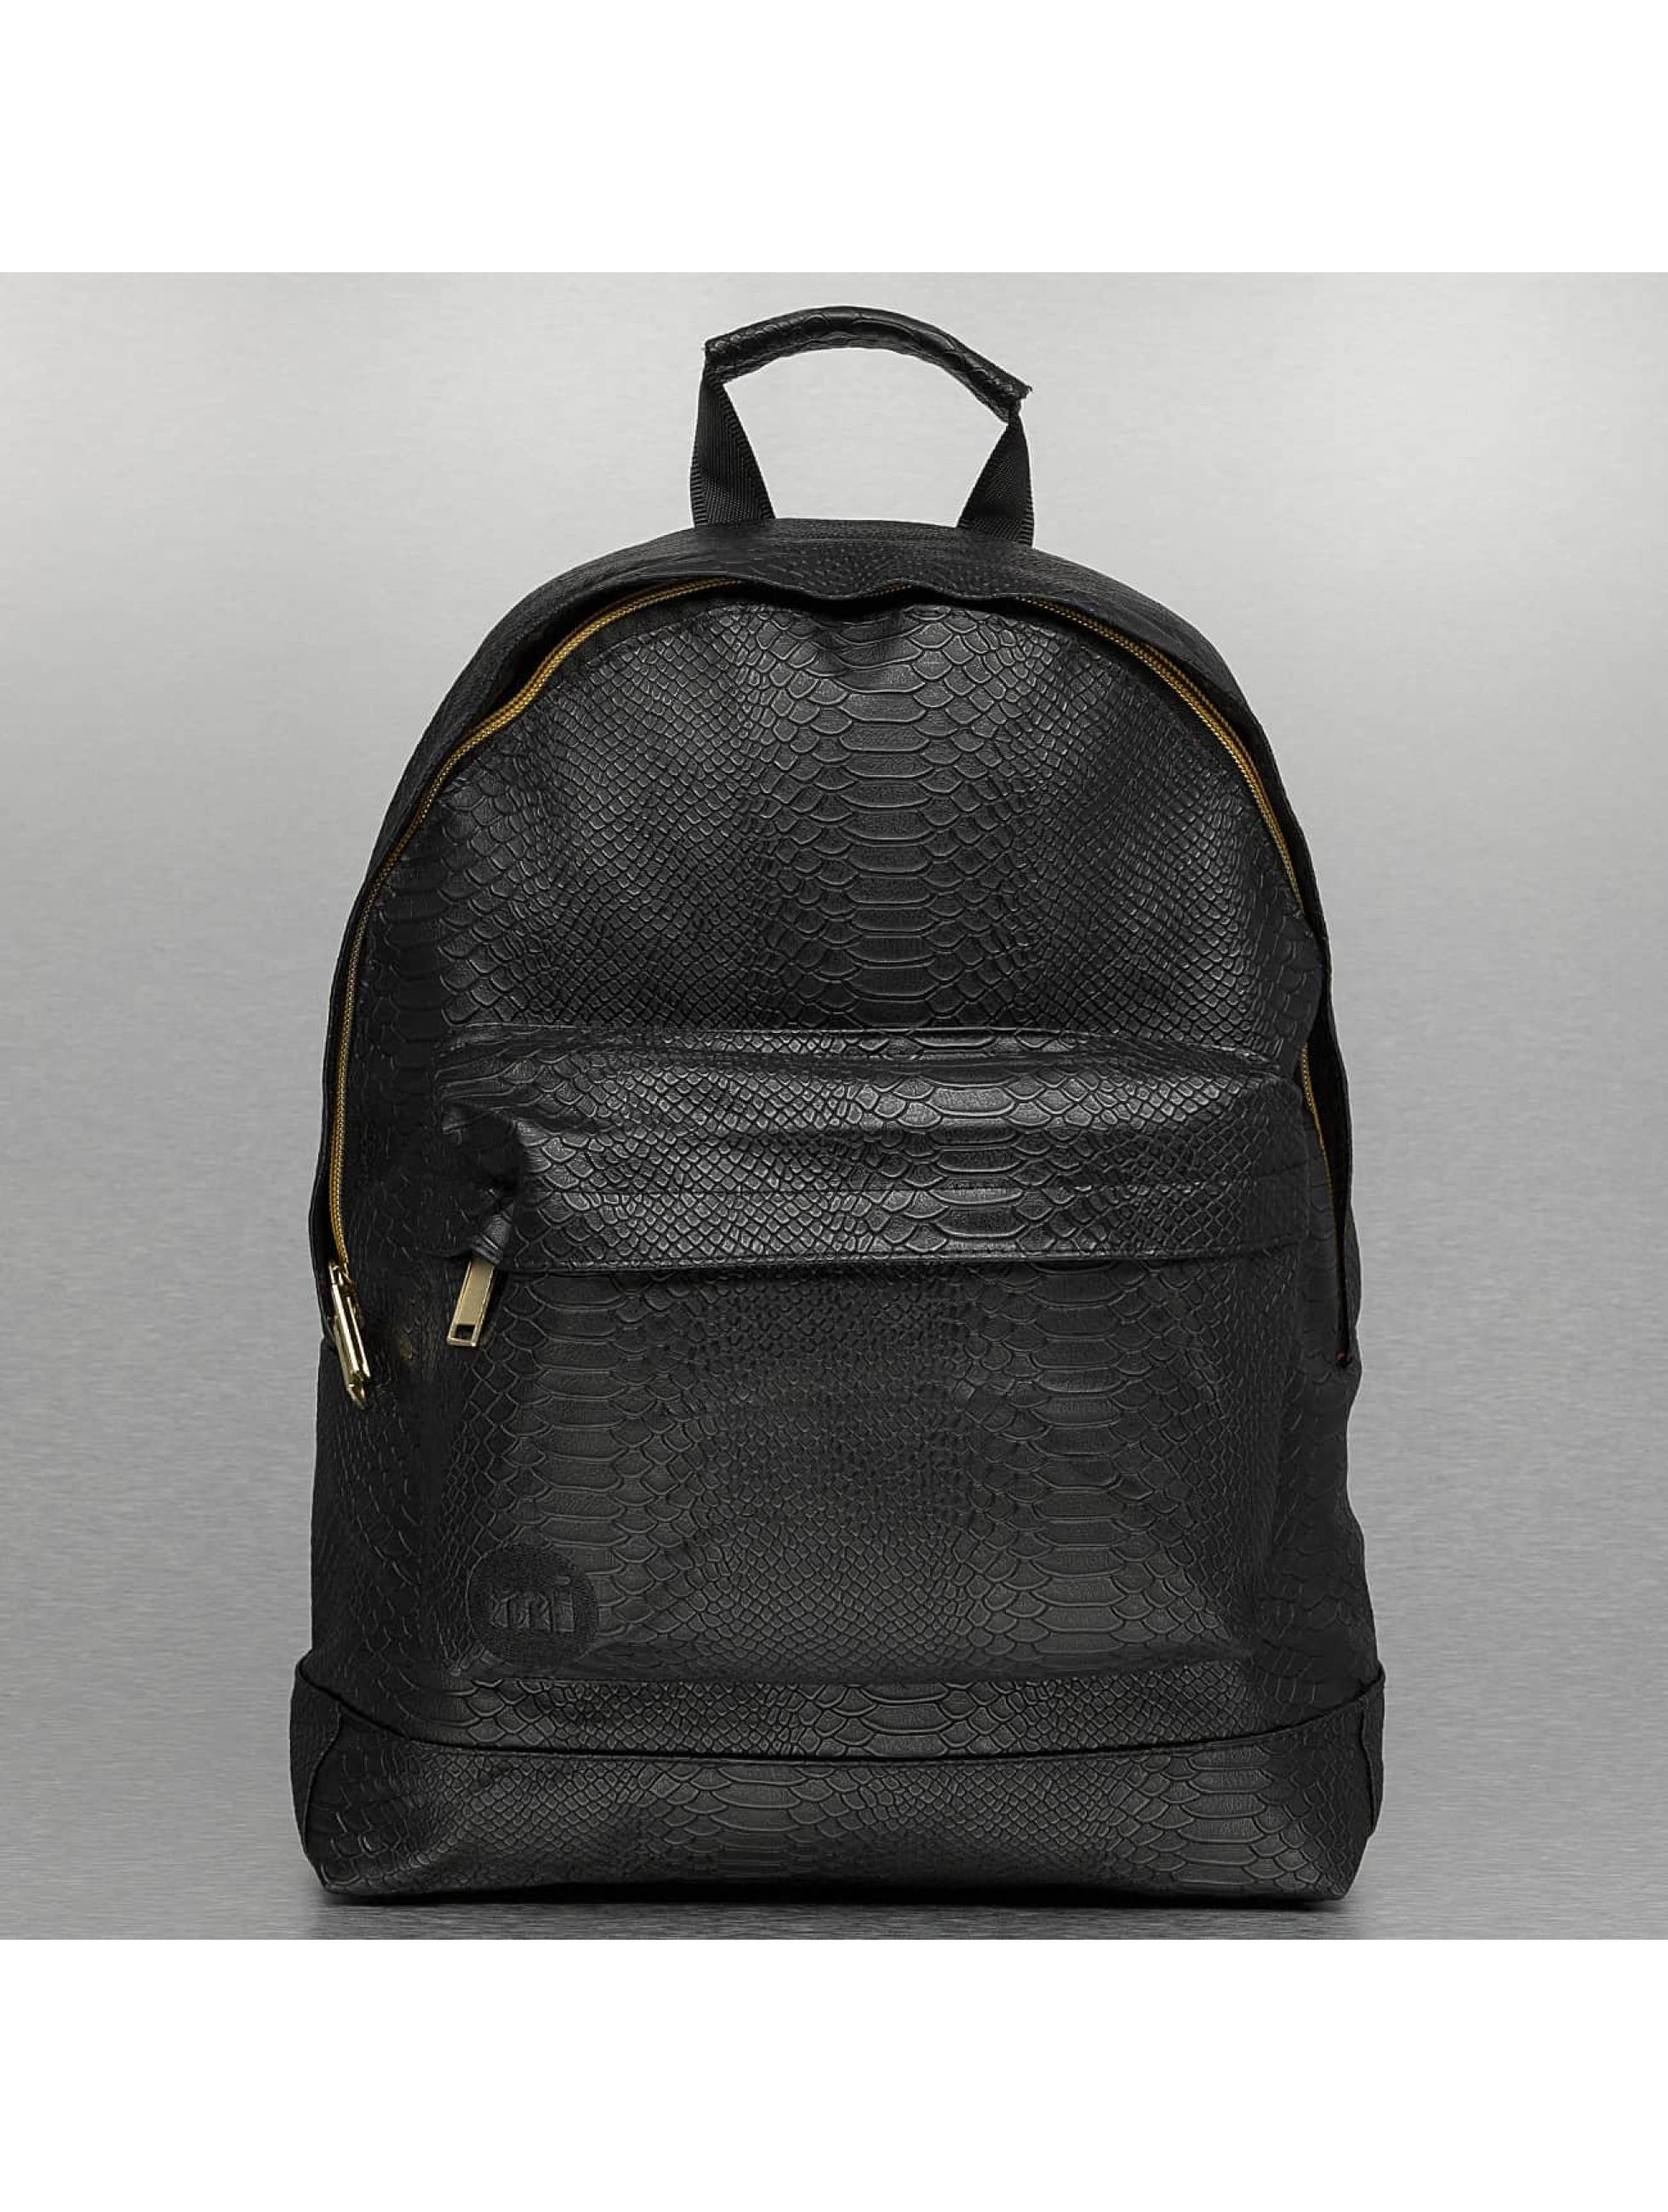 Rucksack Golden in schwarz